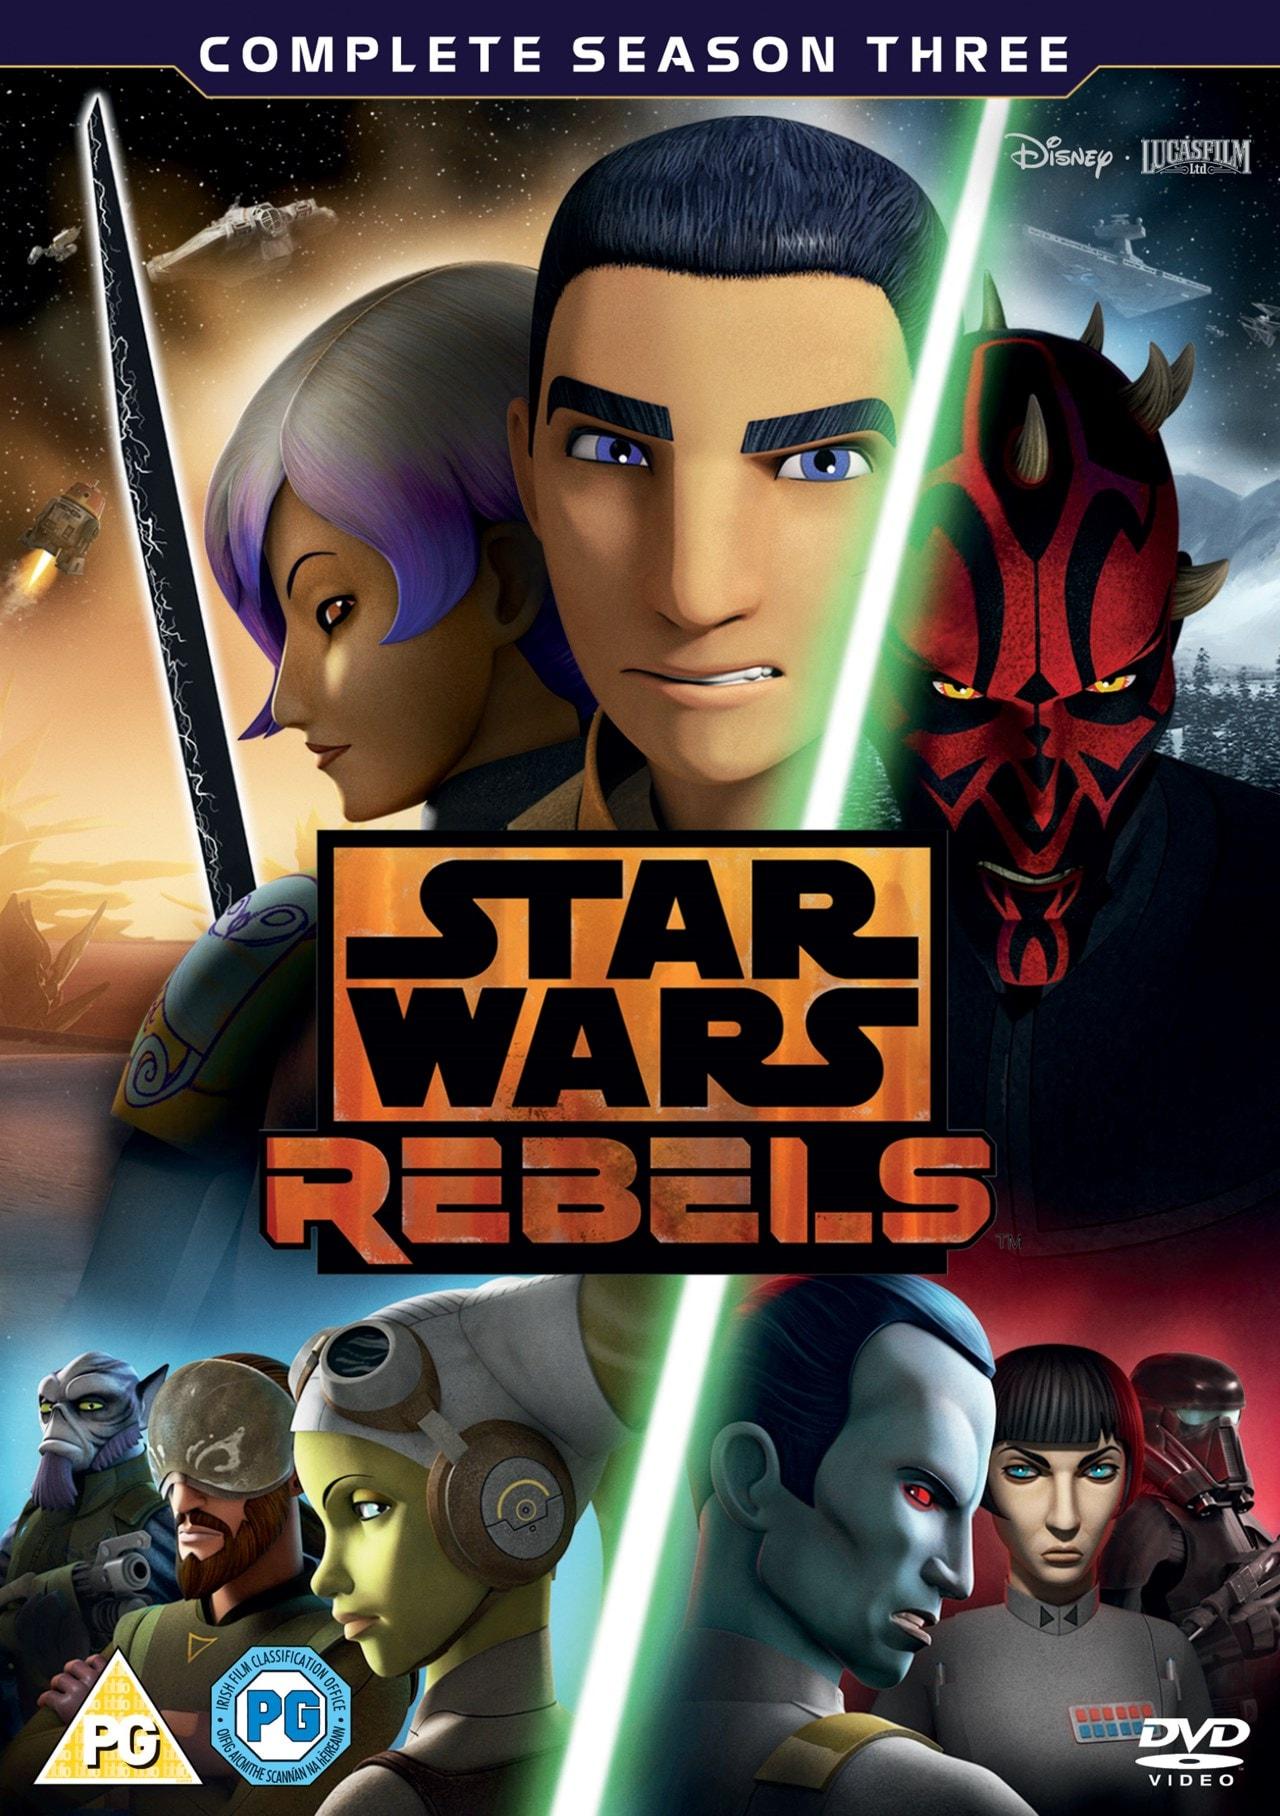 Star Wars Rebels: Complete Season 3 - 1